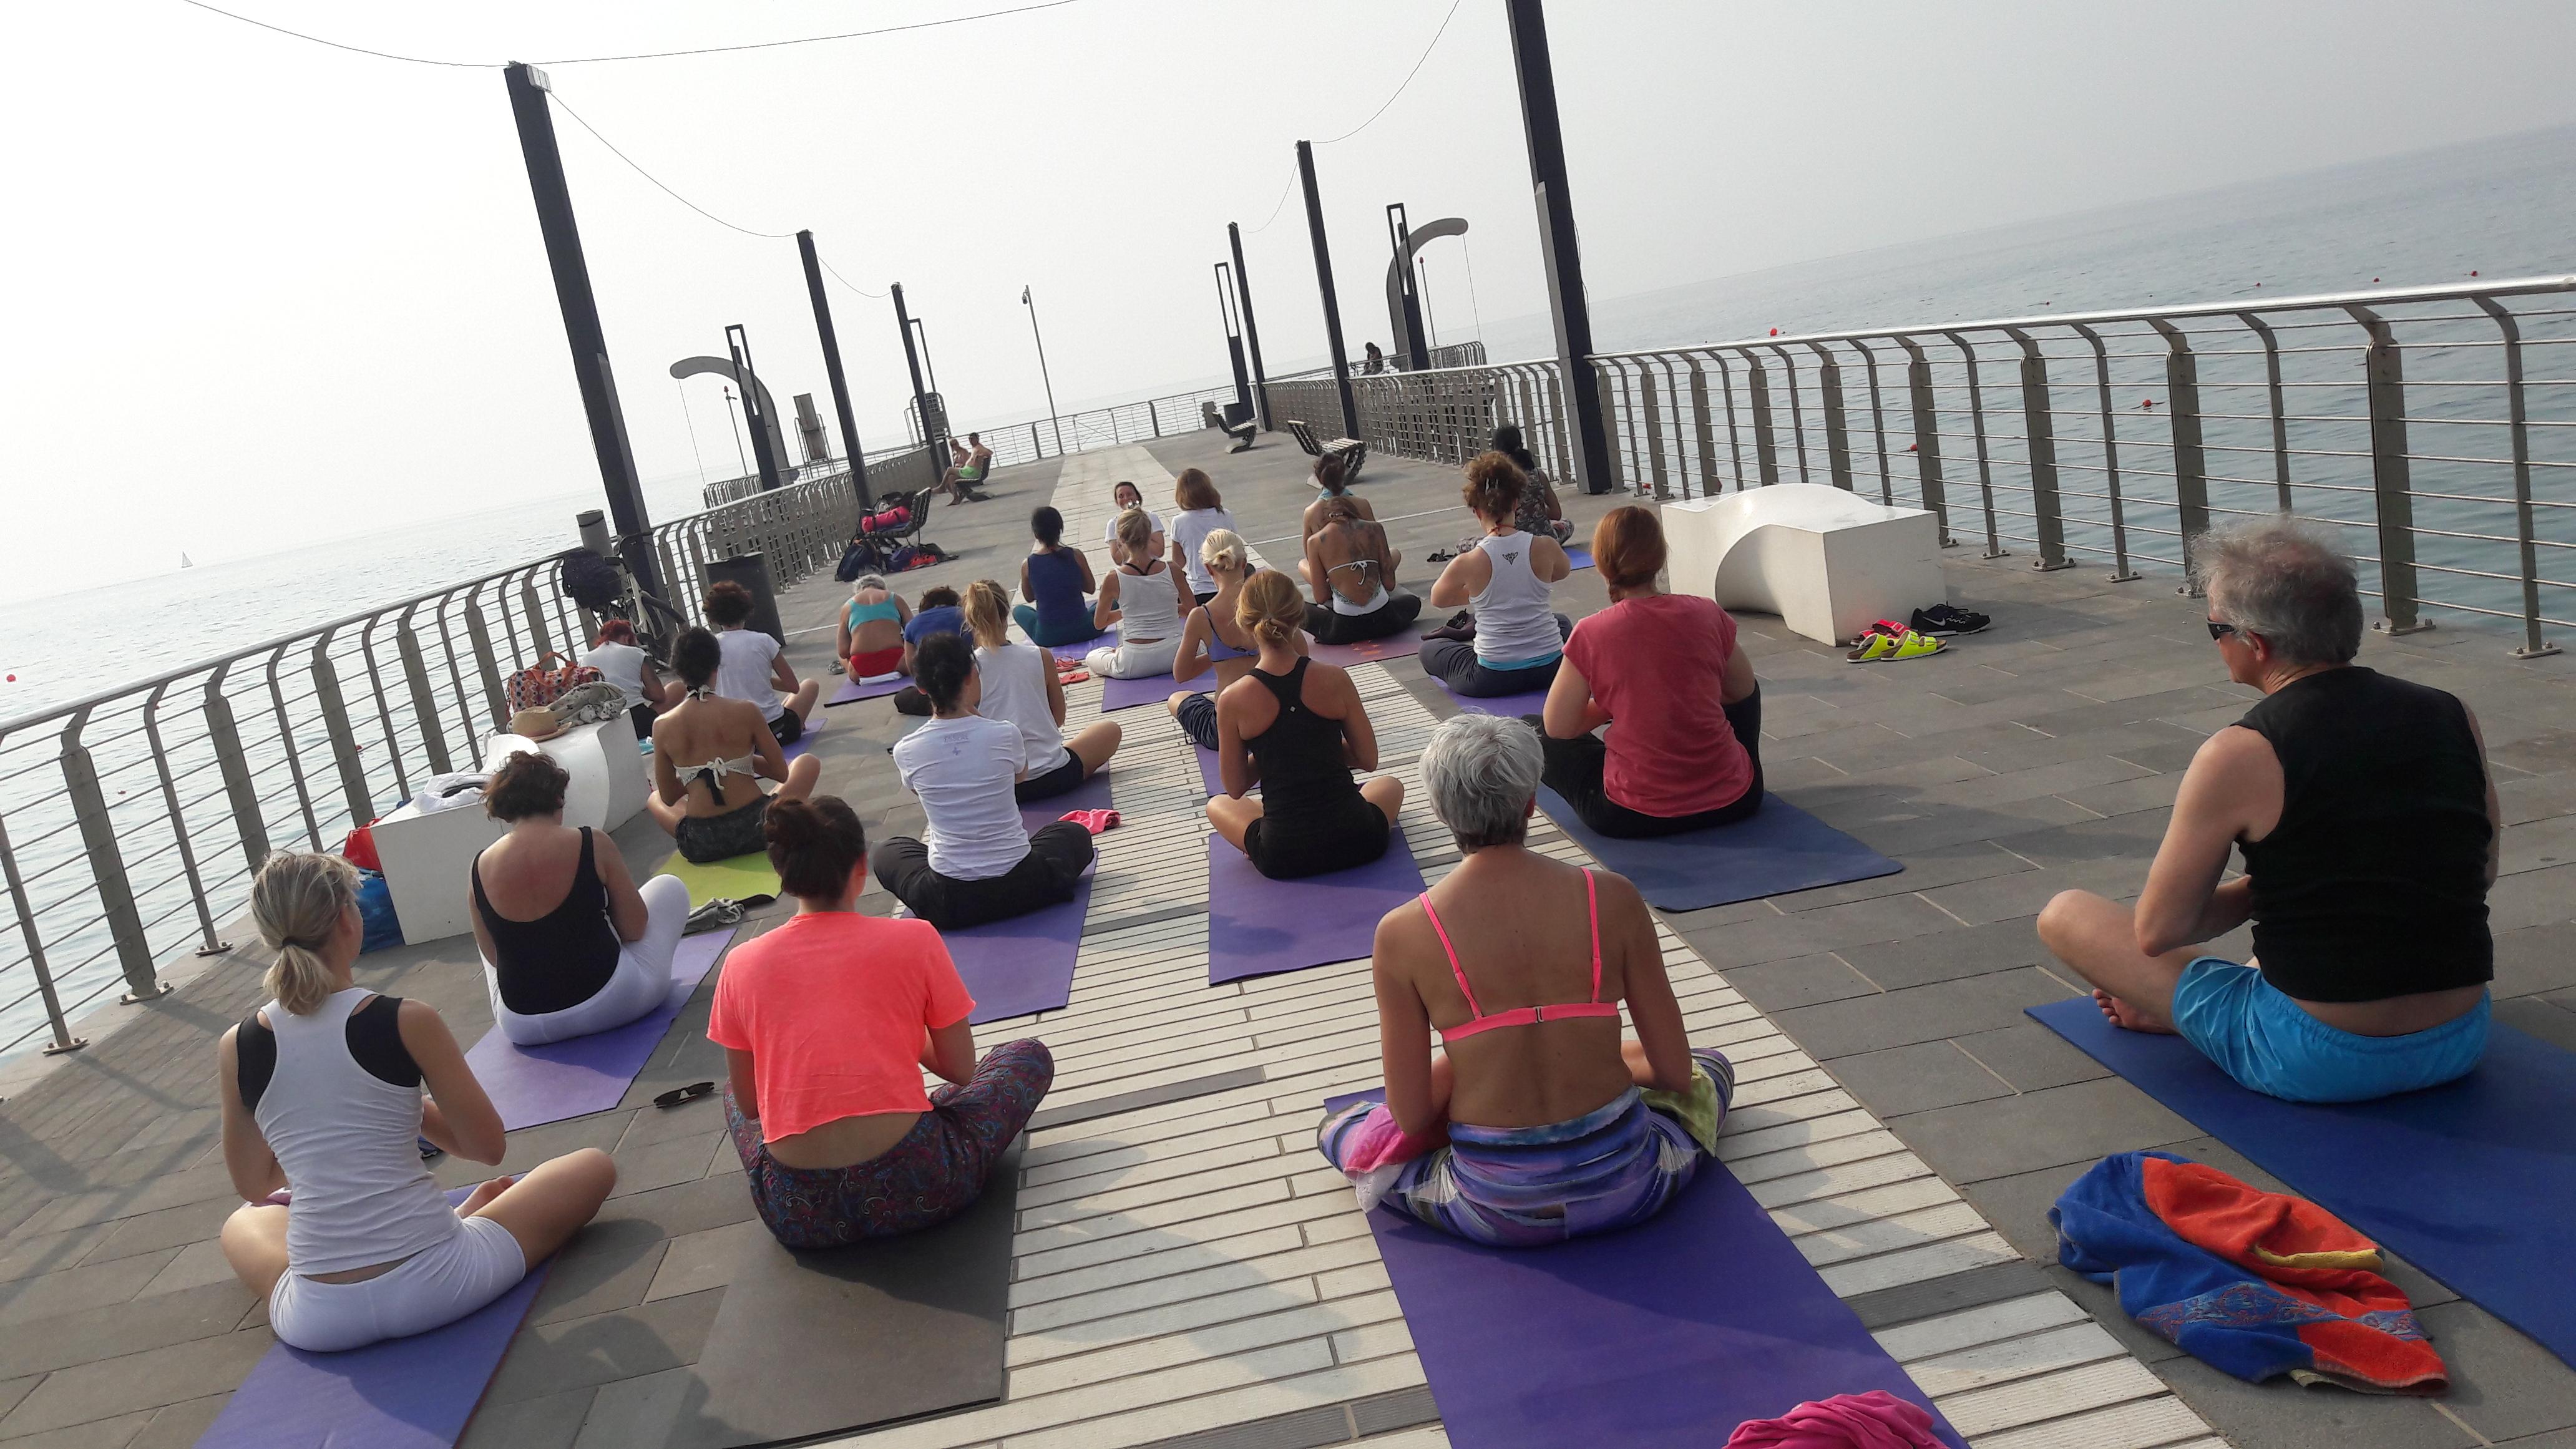 1_essere-free-yoga-gratuito-benessere-per-tutti-village-citta-alassio-estate-lucia-ragazzi-summer-town-wellness-015